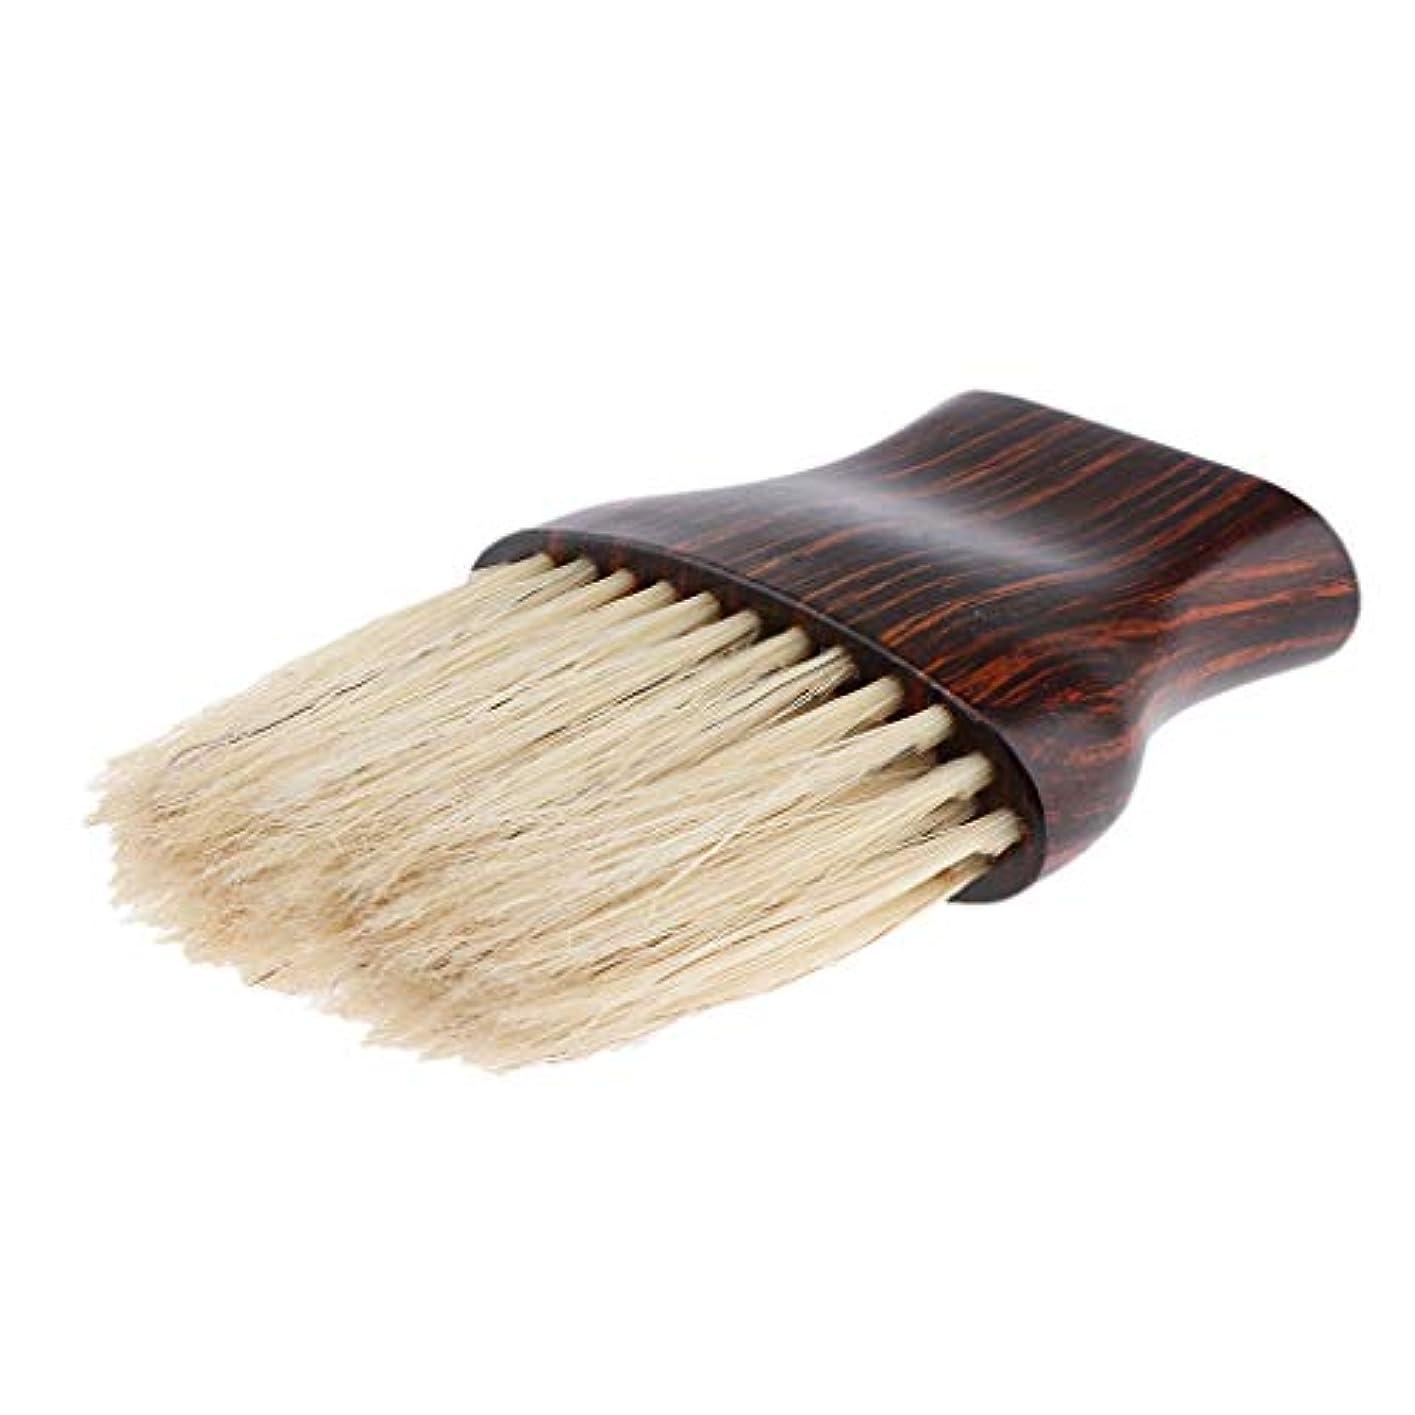 問い合わせる男やもめ通り抜けるToygogo ネックダスターブラシ ヘアカットブラシ クリーニング ブラシ 毛払いブラシ 散髪 髪切り